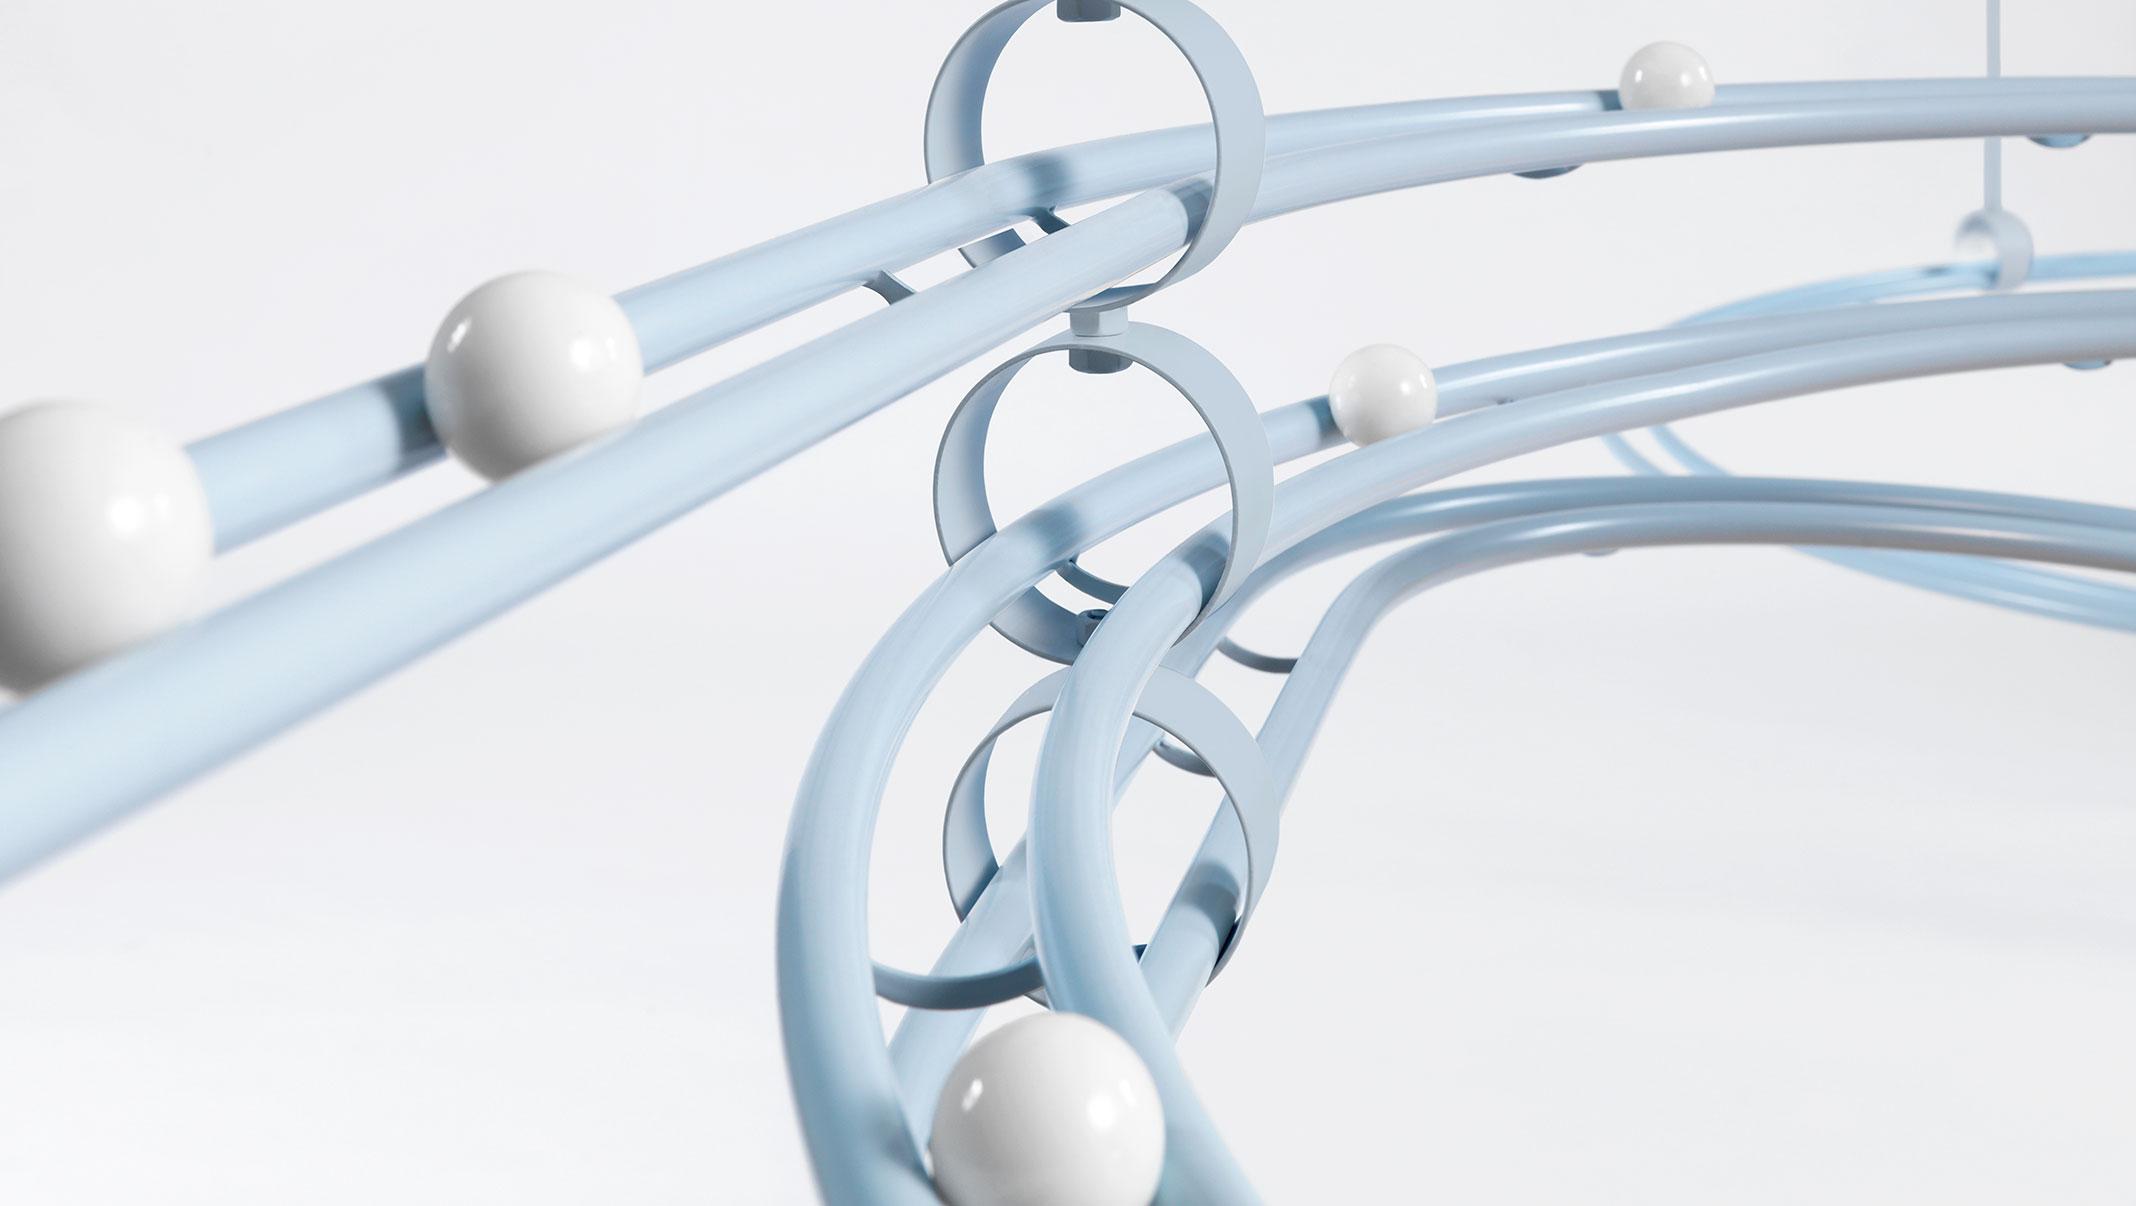 Loop, l'installazione di COS x Snarkitecture che ricorda il gioco delle biglie | Collater.al 6